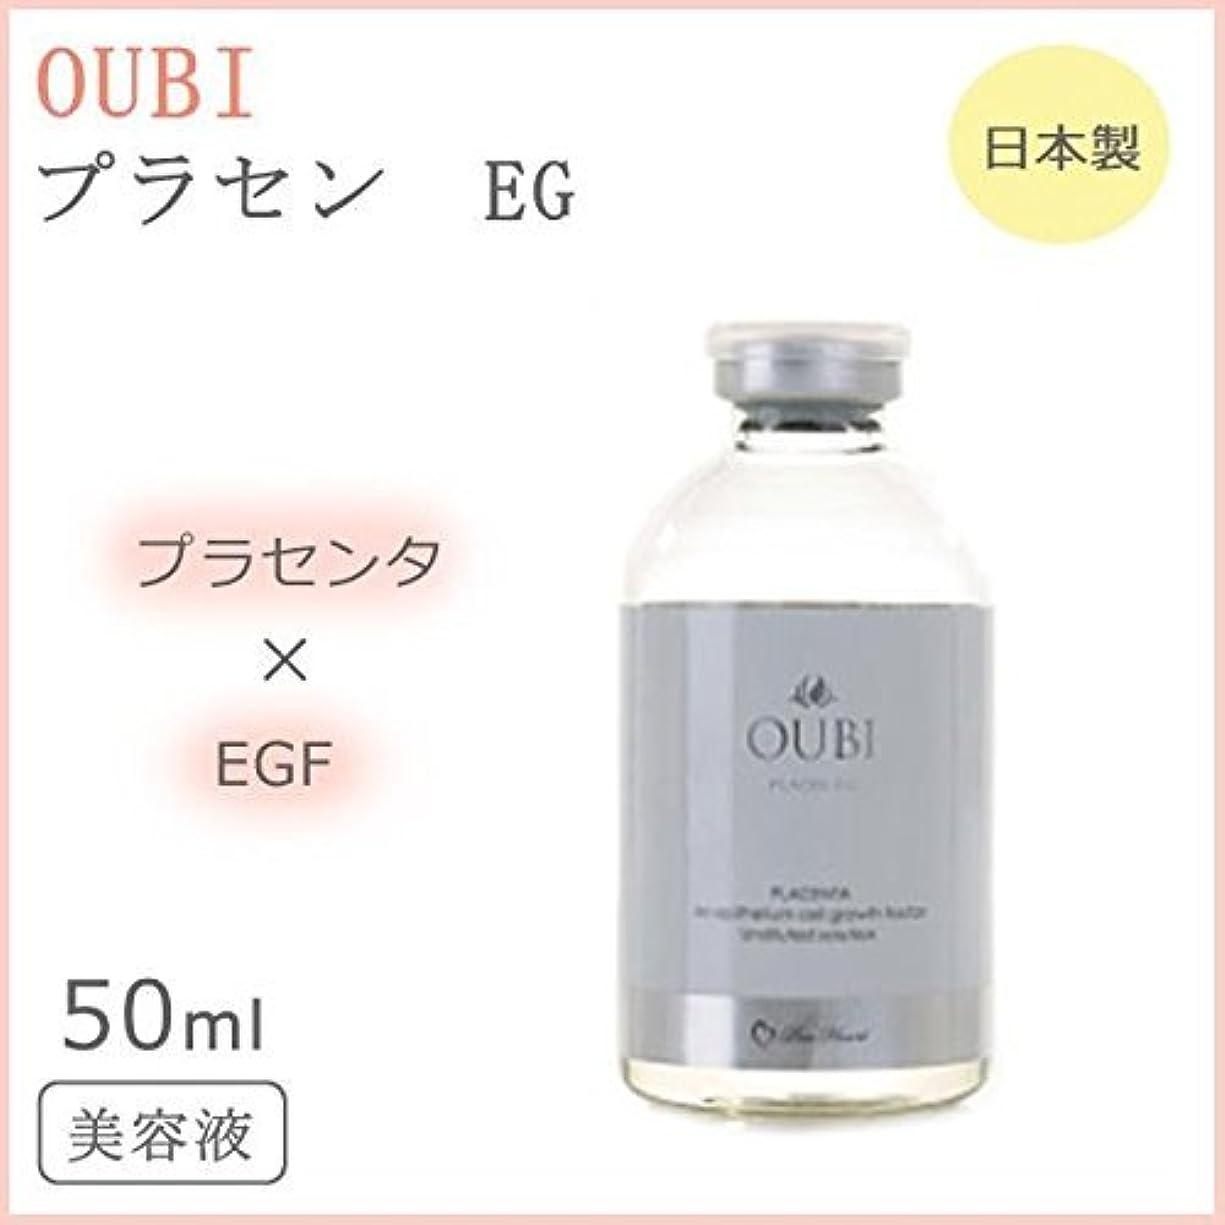 決定的つらい化合物OUBIプラセンEG50ml